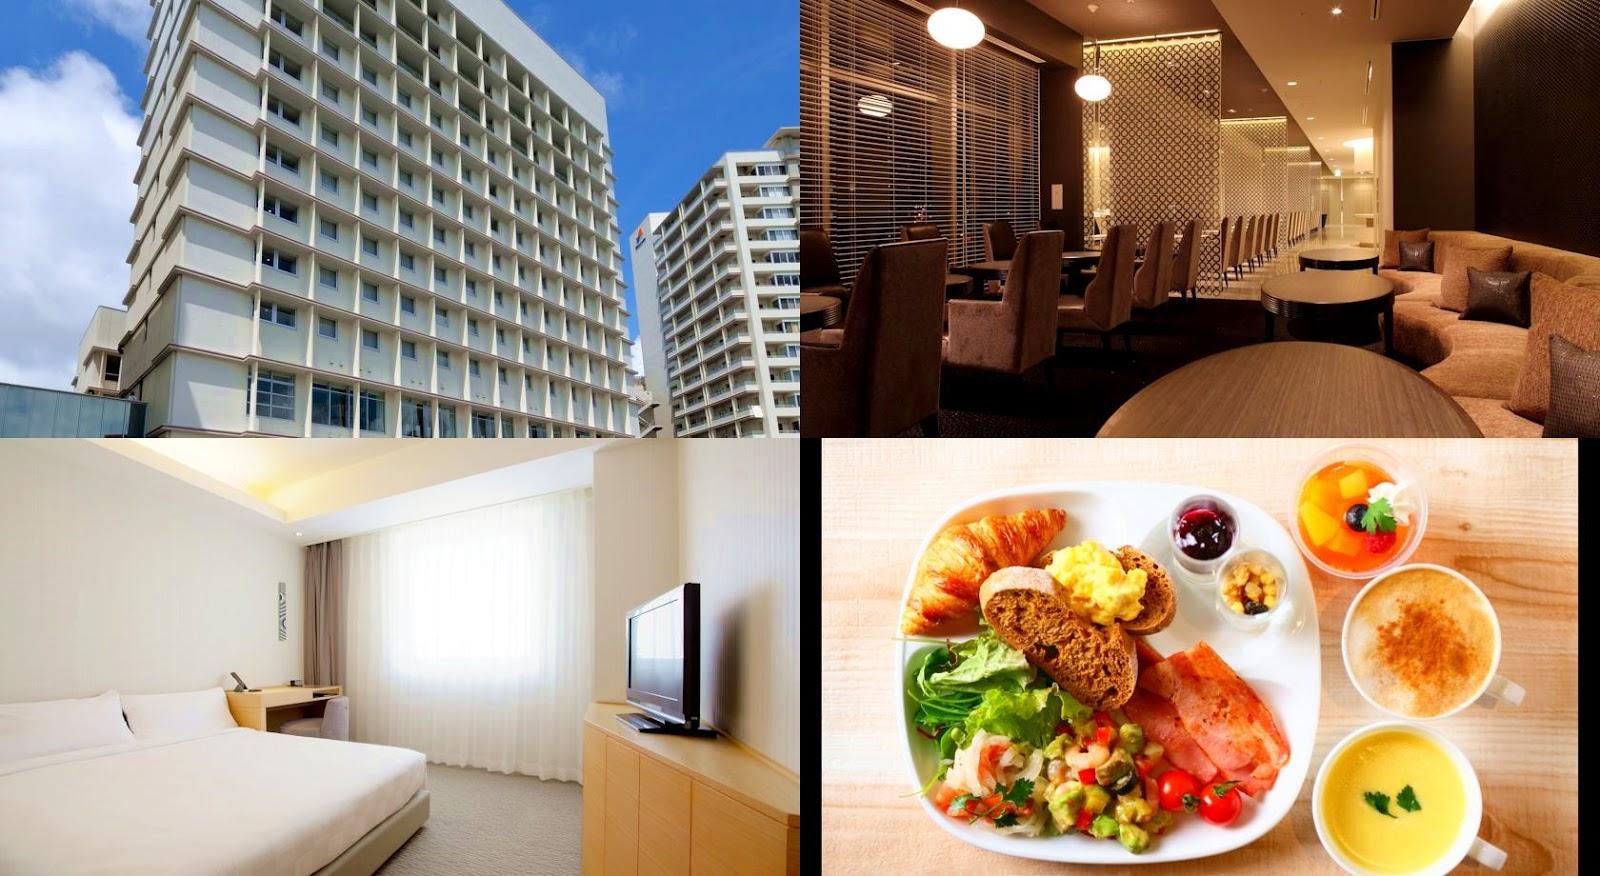 沖繩-沖繩住宿-推薦-沖繩飯店-沖繩旅館-沖繩民宿-沖繩公寓-沖繩酒店住宿-住宿-沖繩必住住宿-那霸-東急REI酒店-Naha-Tokyu-REI-Hotel-Okinawa-hotel-recommendation